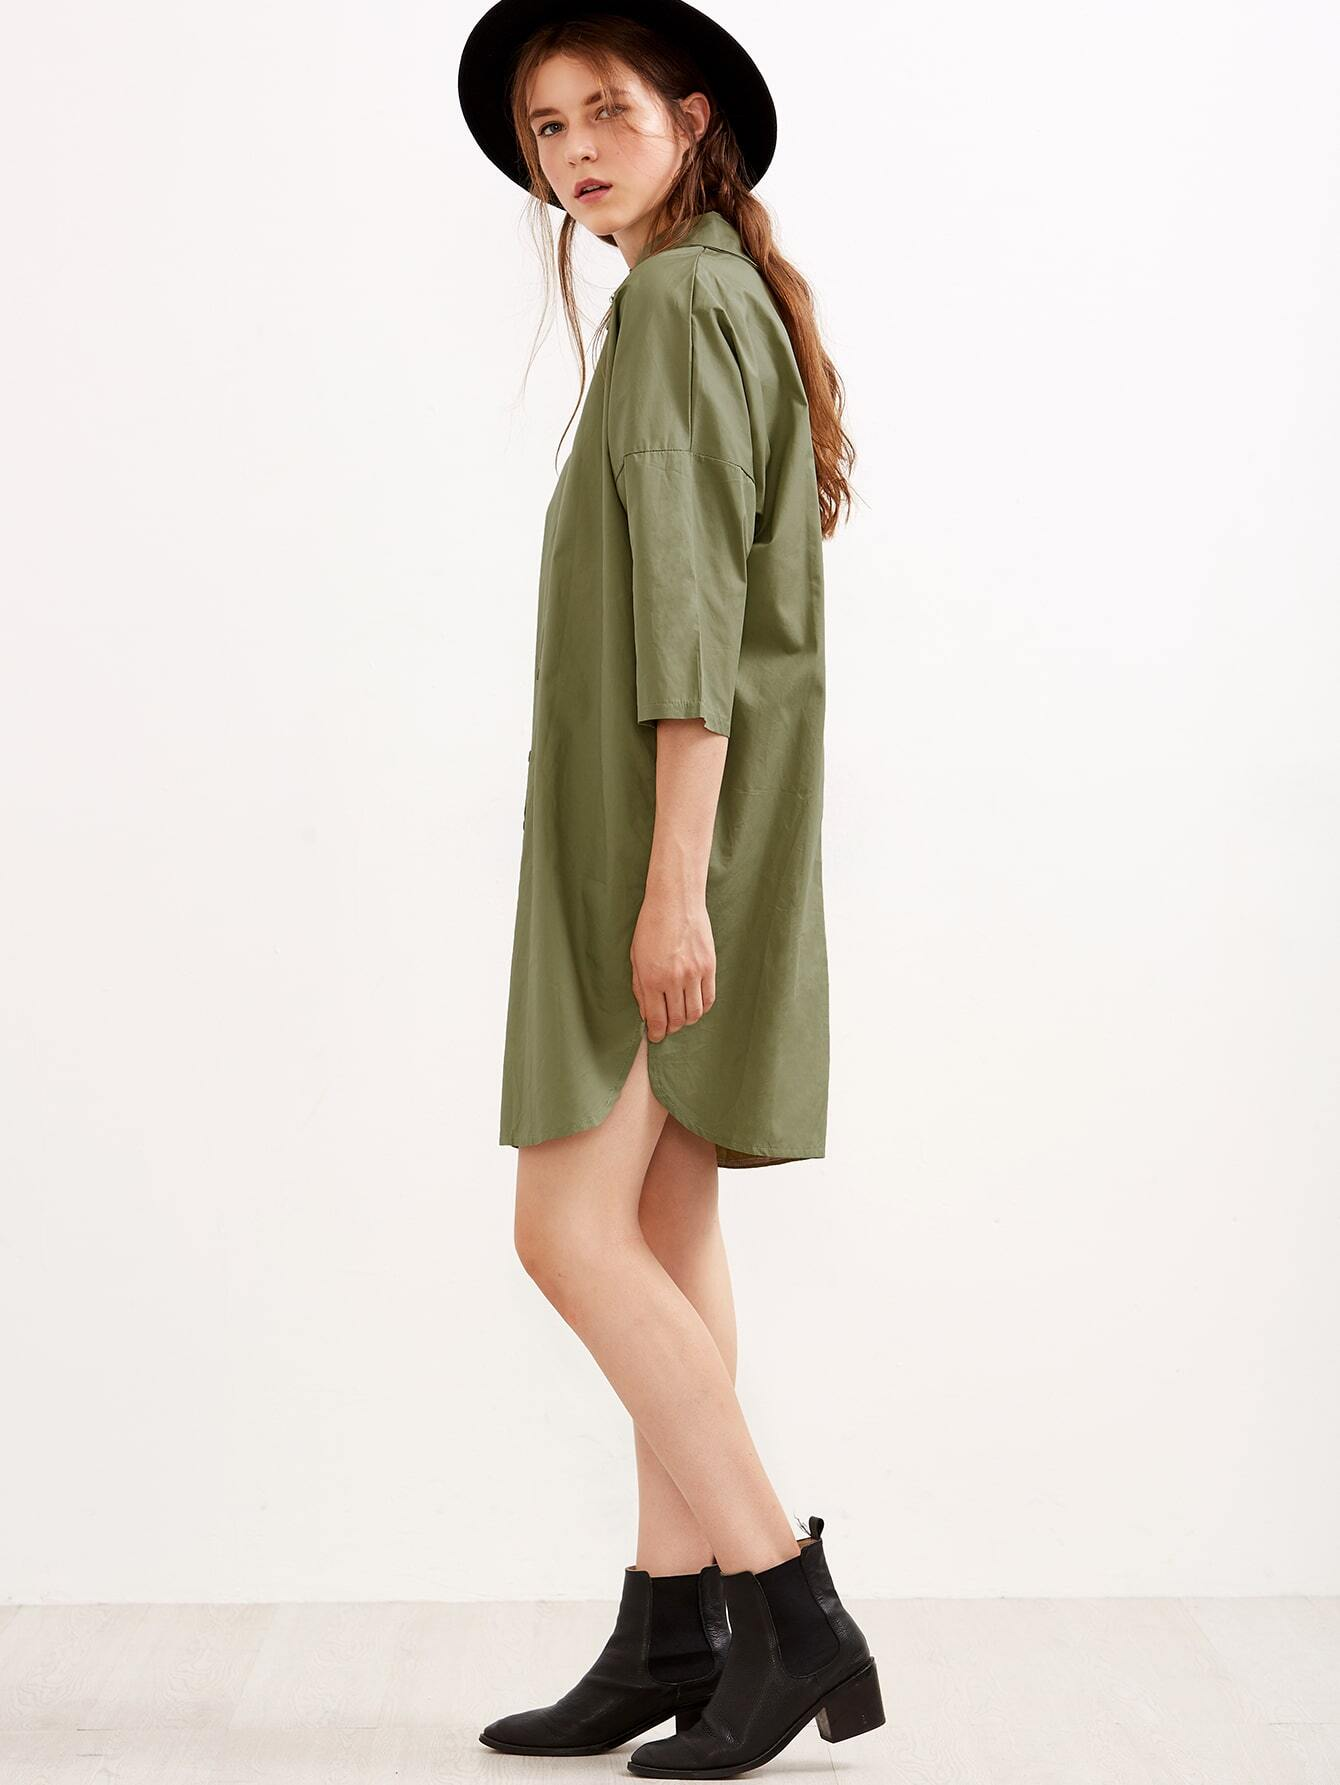 dress160822102_2